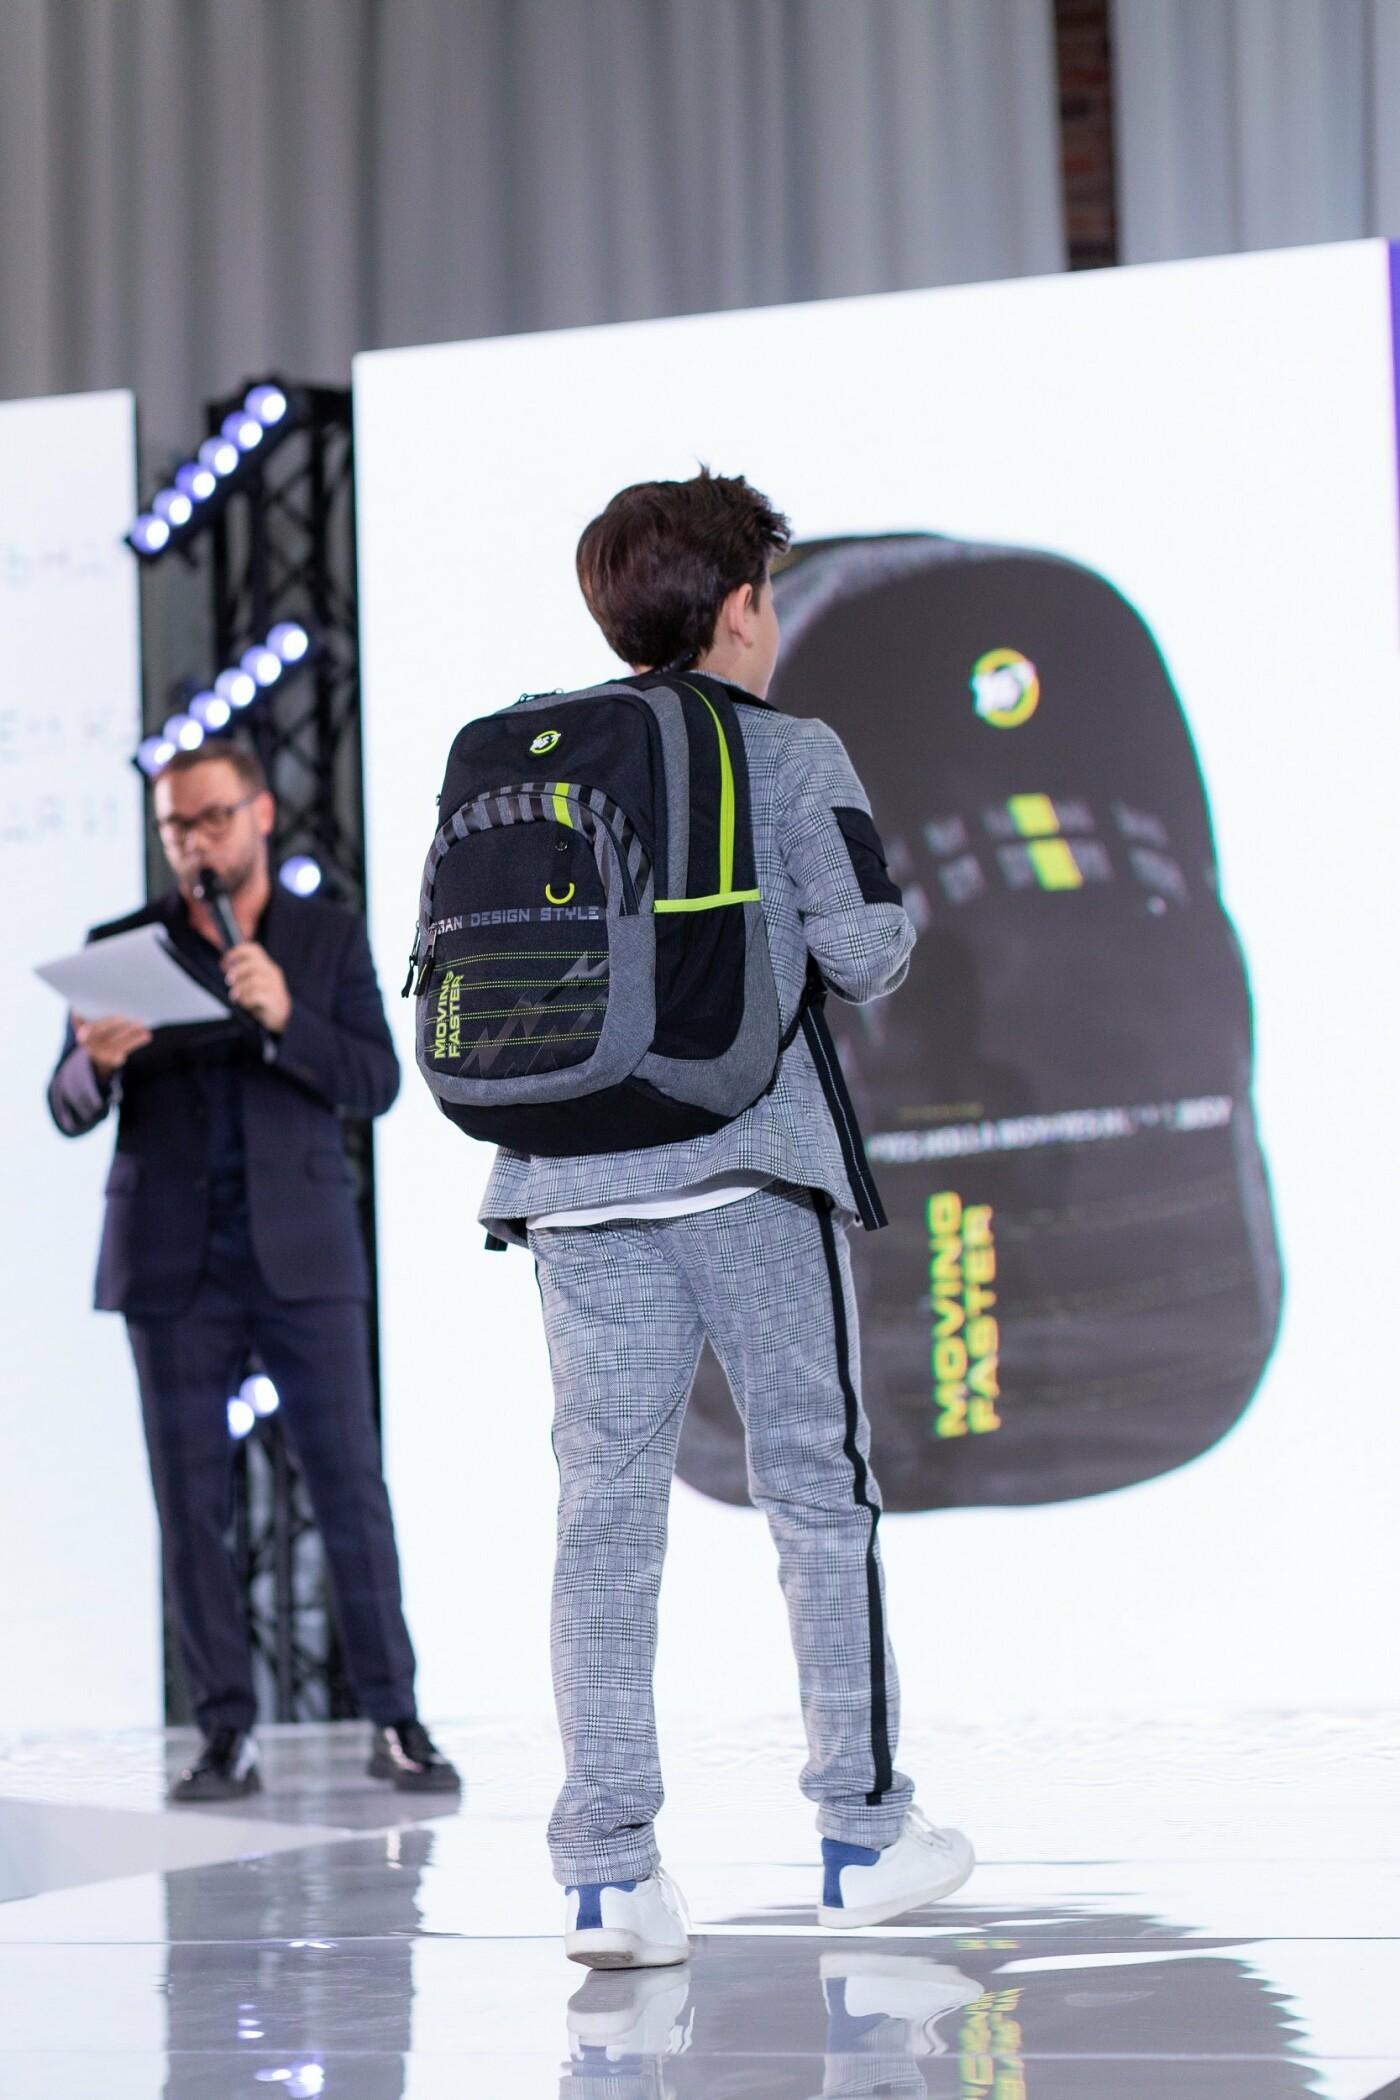 Рюкзаки YES влаштували перший в світі fashion-показ рюкзаків, фото-5